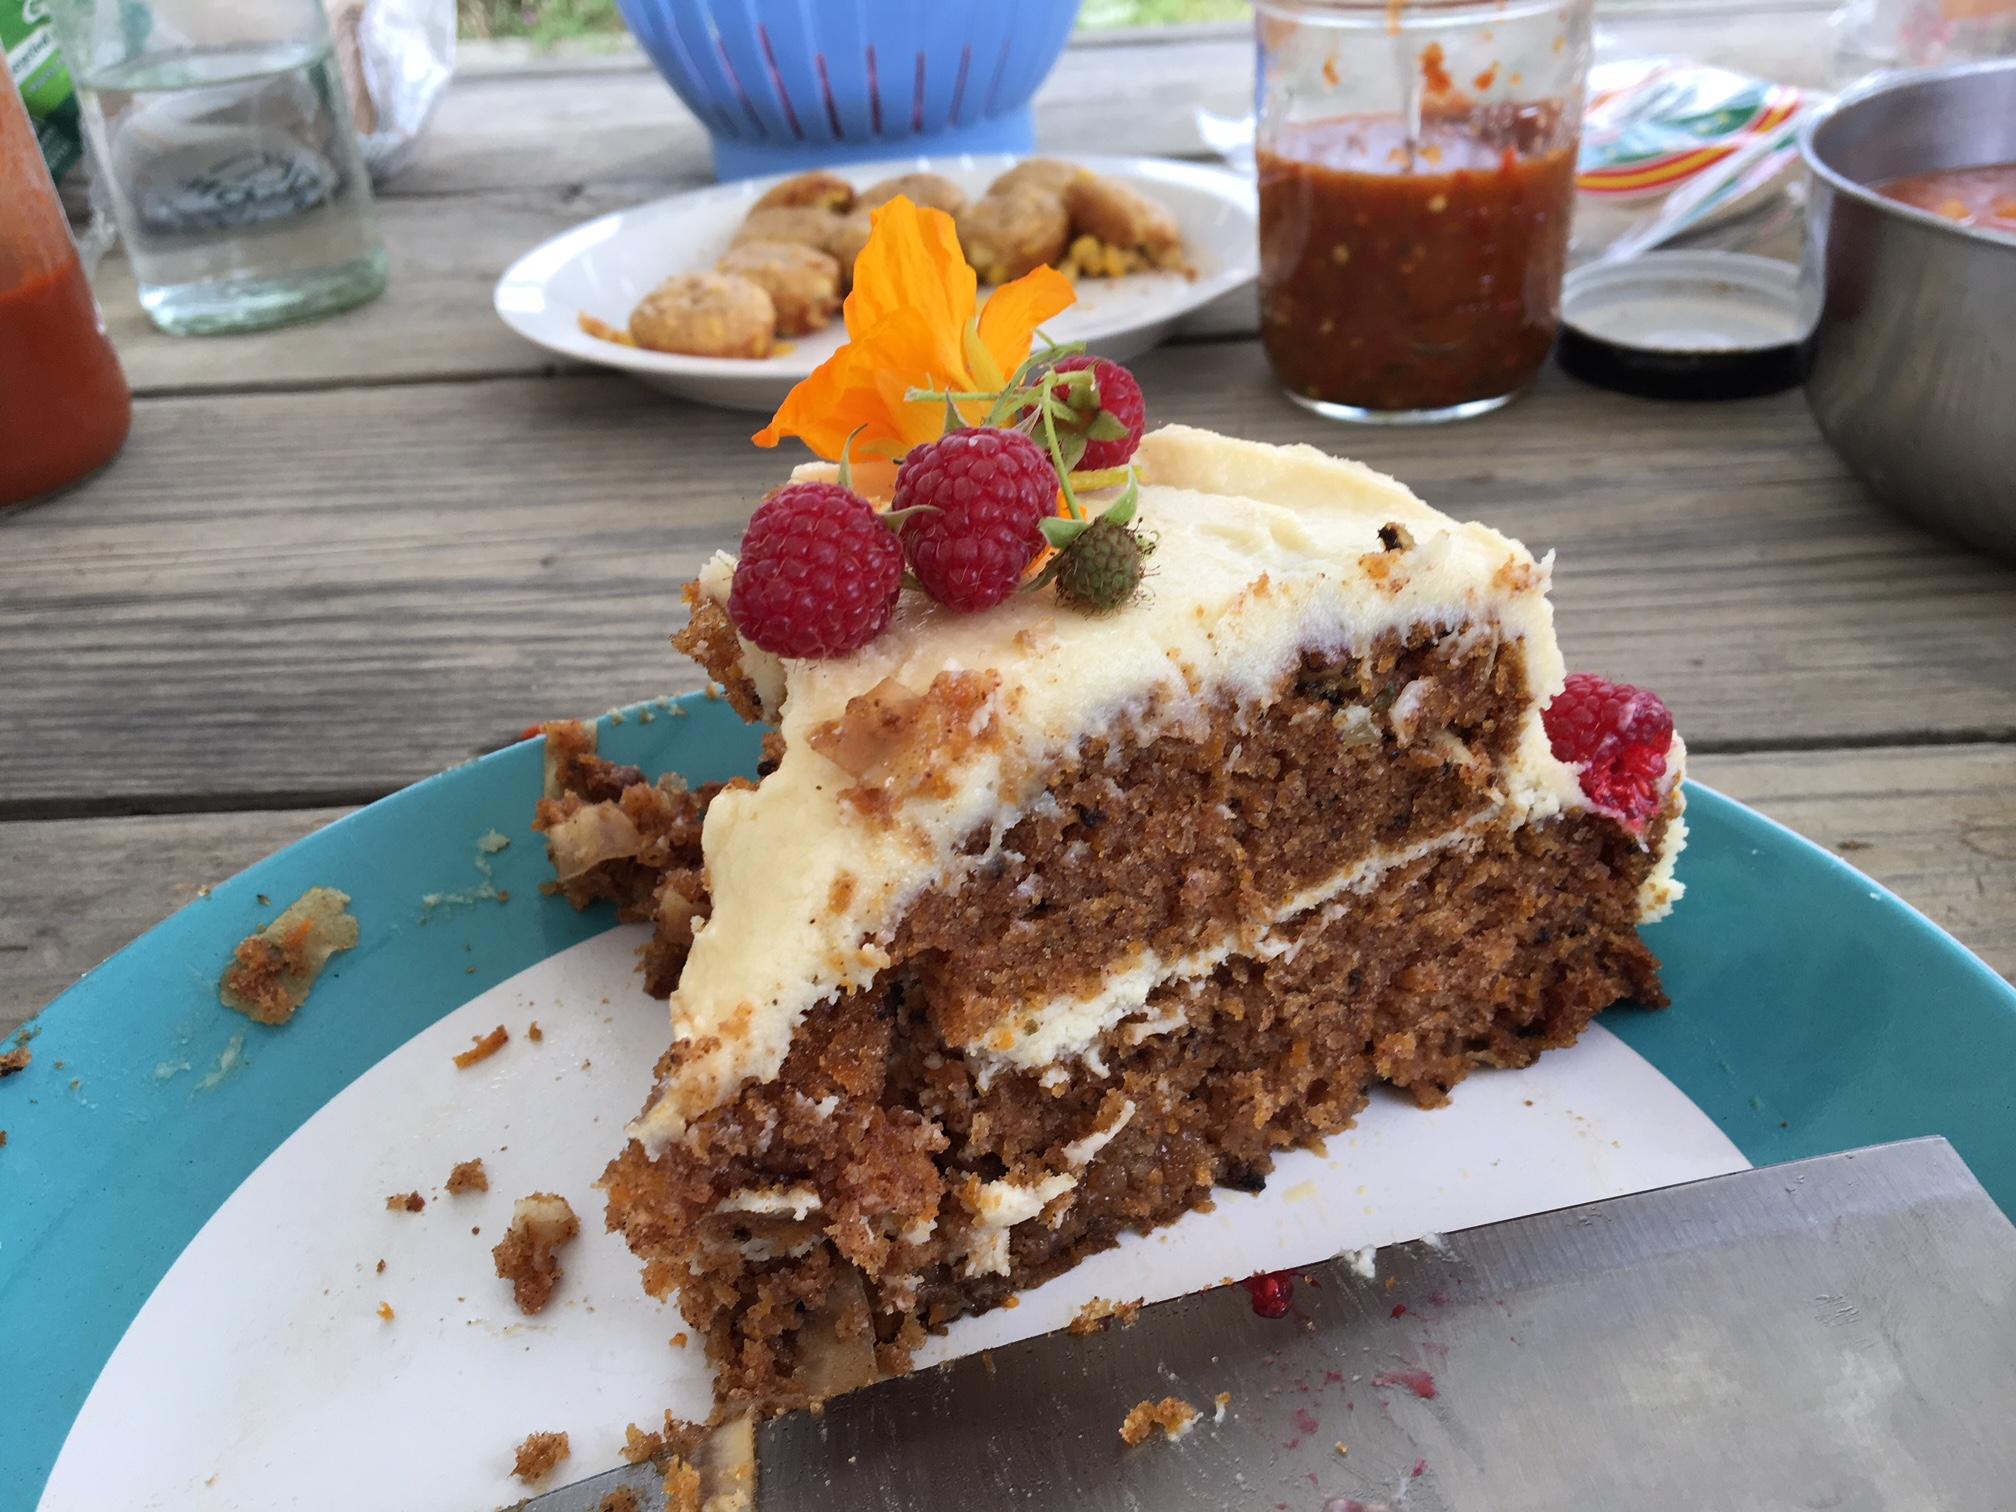 Carrot cake can easily substitute shredded rutabaga for carrots